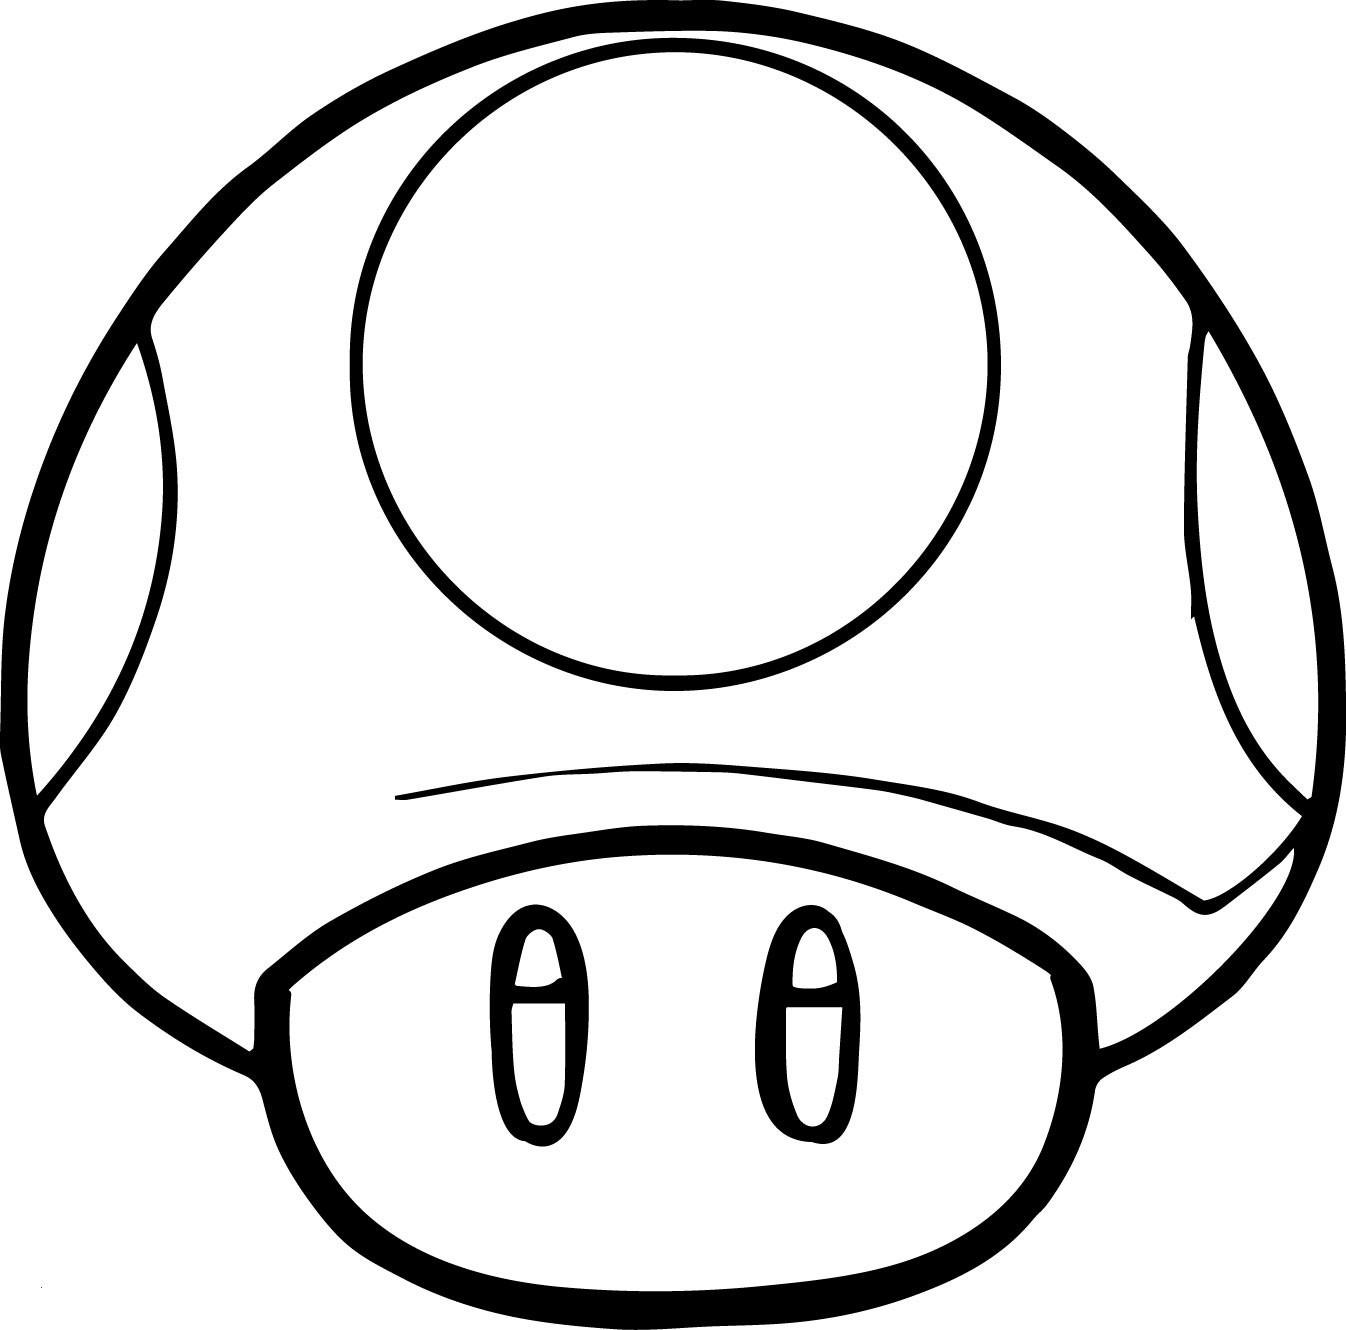 Ausmalbilder Pflanzen Gegen Zombies Einzigartig Super Mario Coloring Pages Awesome Ausgezeichnet Super Mario Pilz Bild